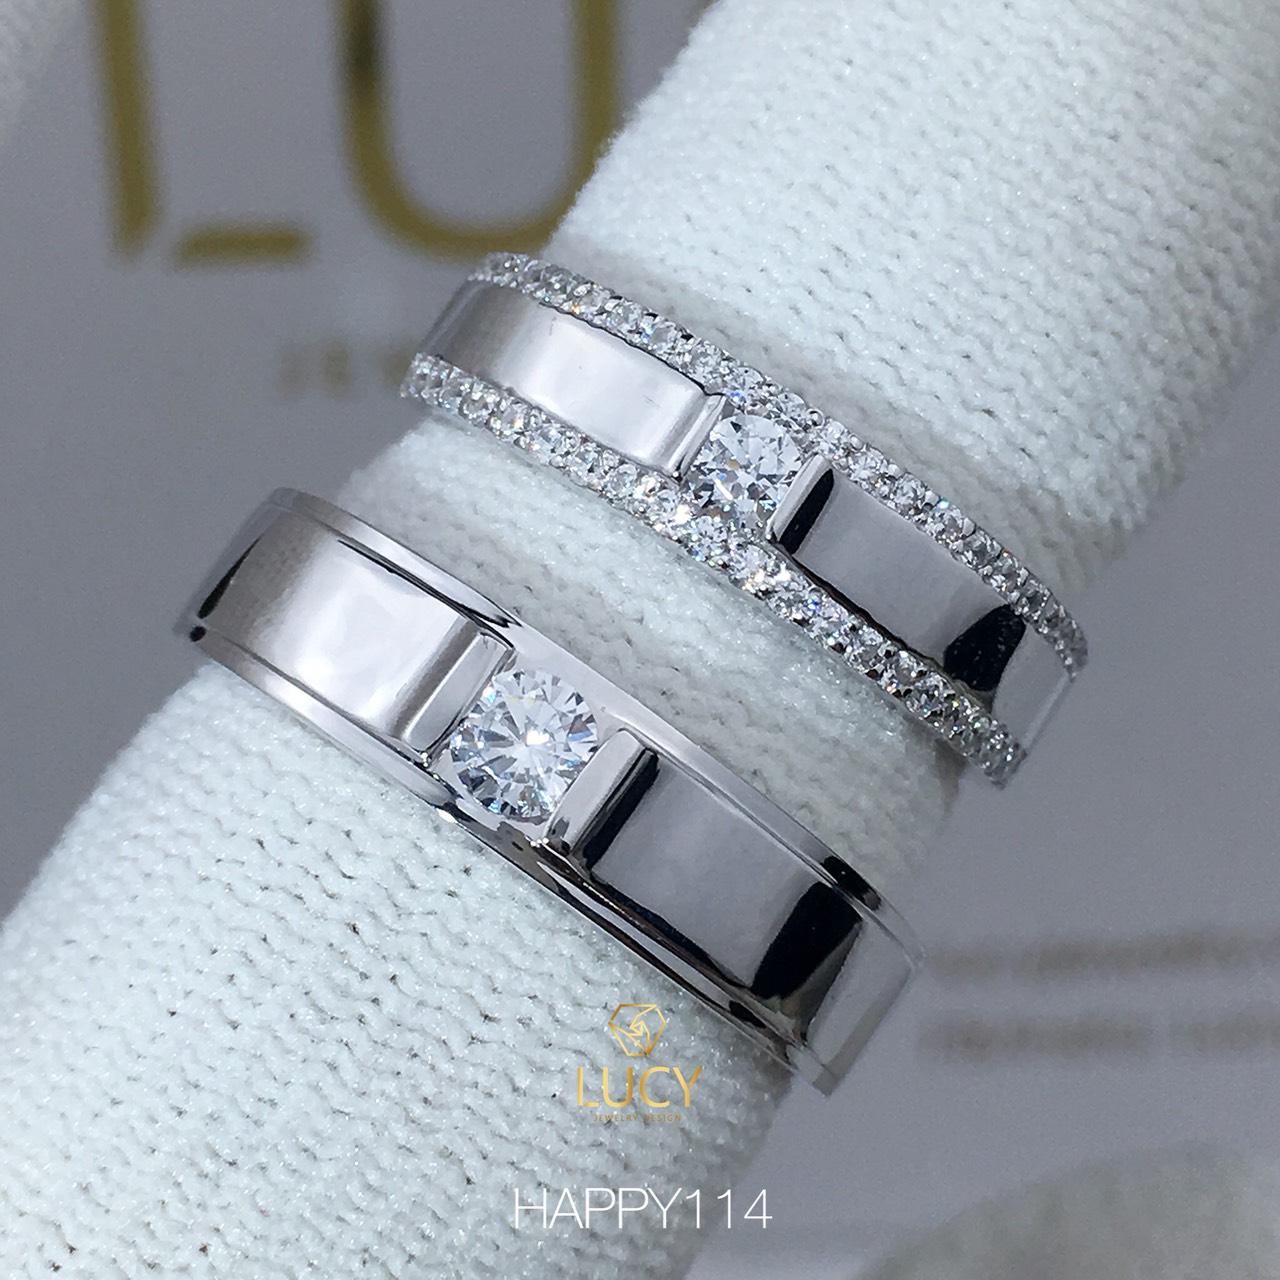 HAPPY114 Nhẫn cưới thiết kế, nhẫn cưới đẹp, nhẫn cưới cao cấp, nhẫn cưới kim cương - Lucy Jewelry